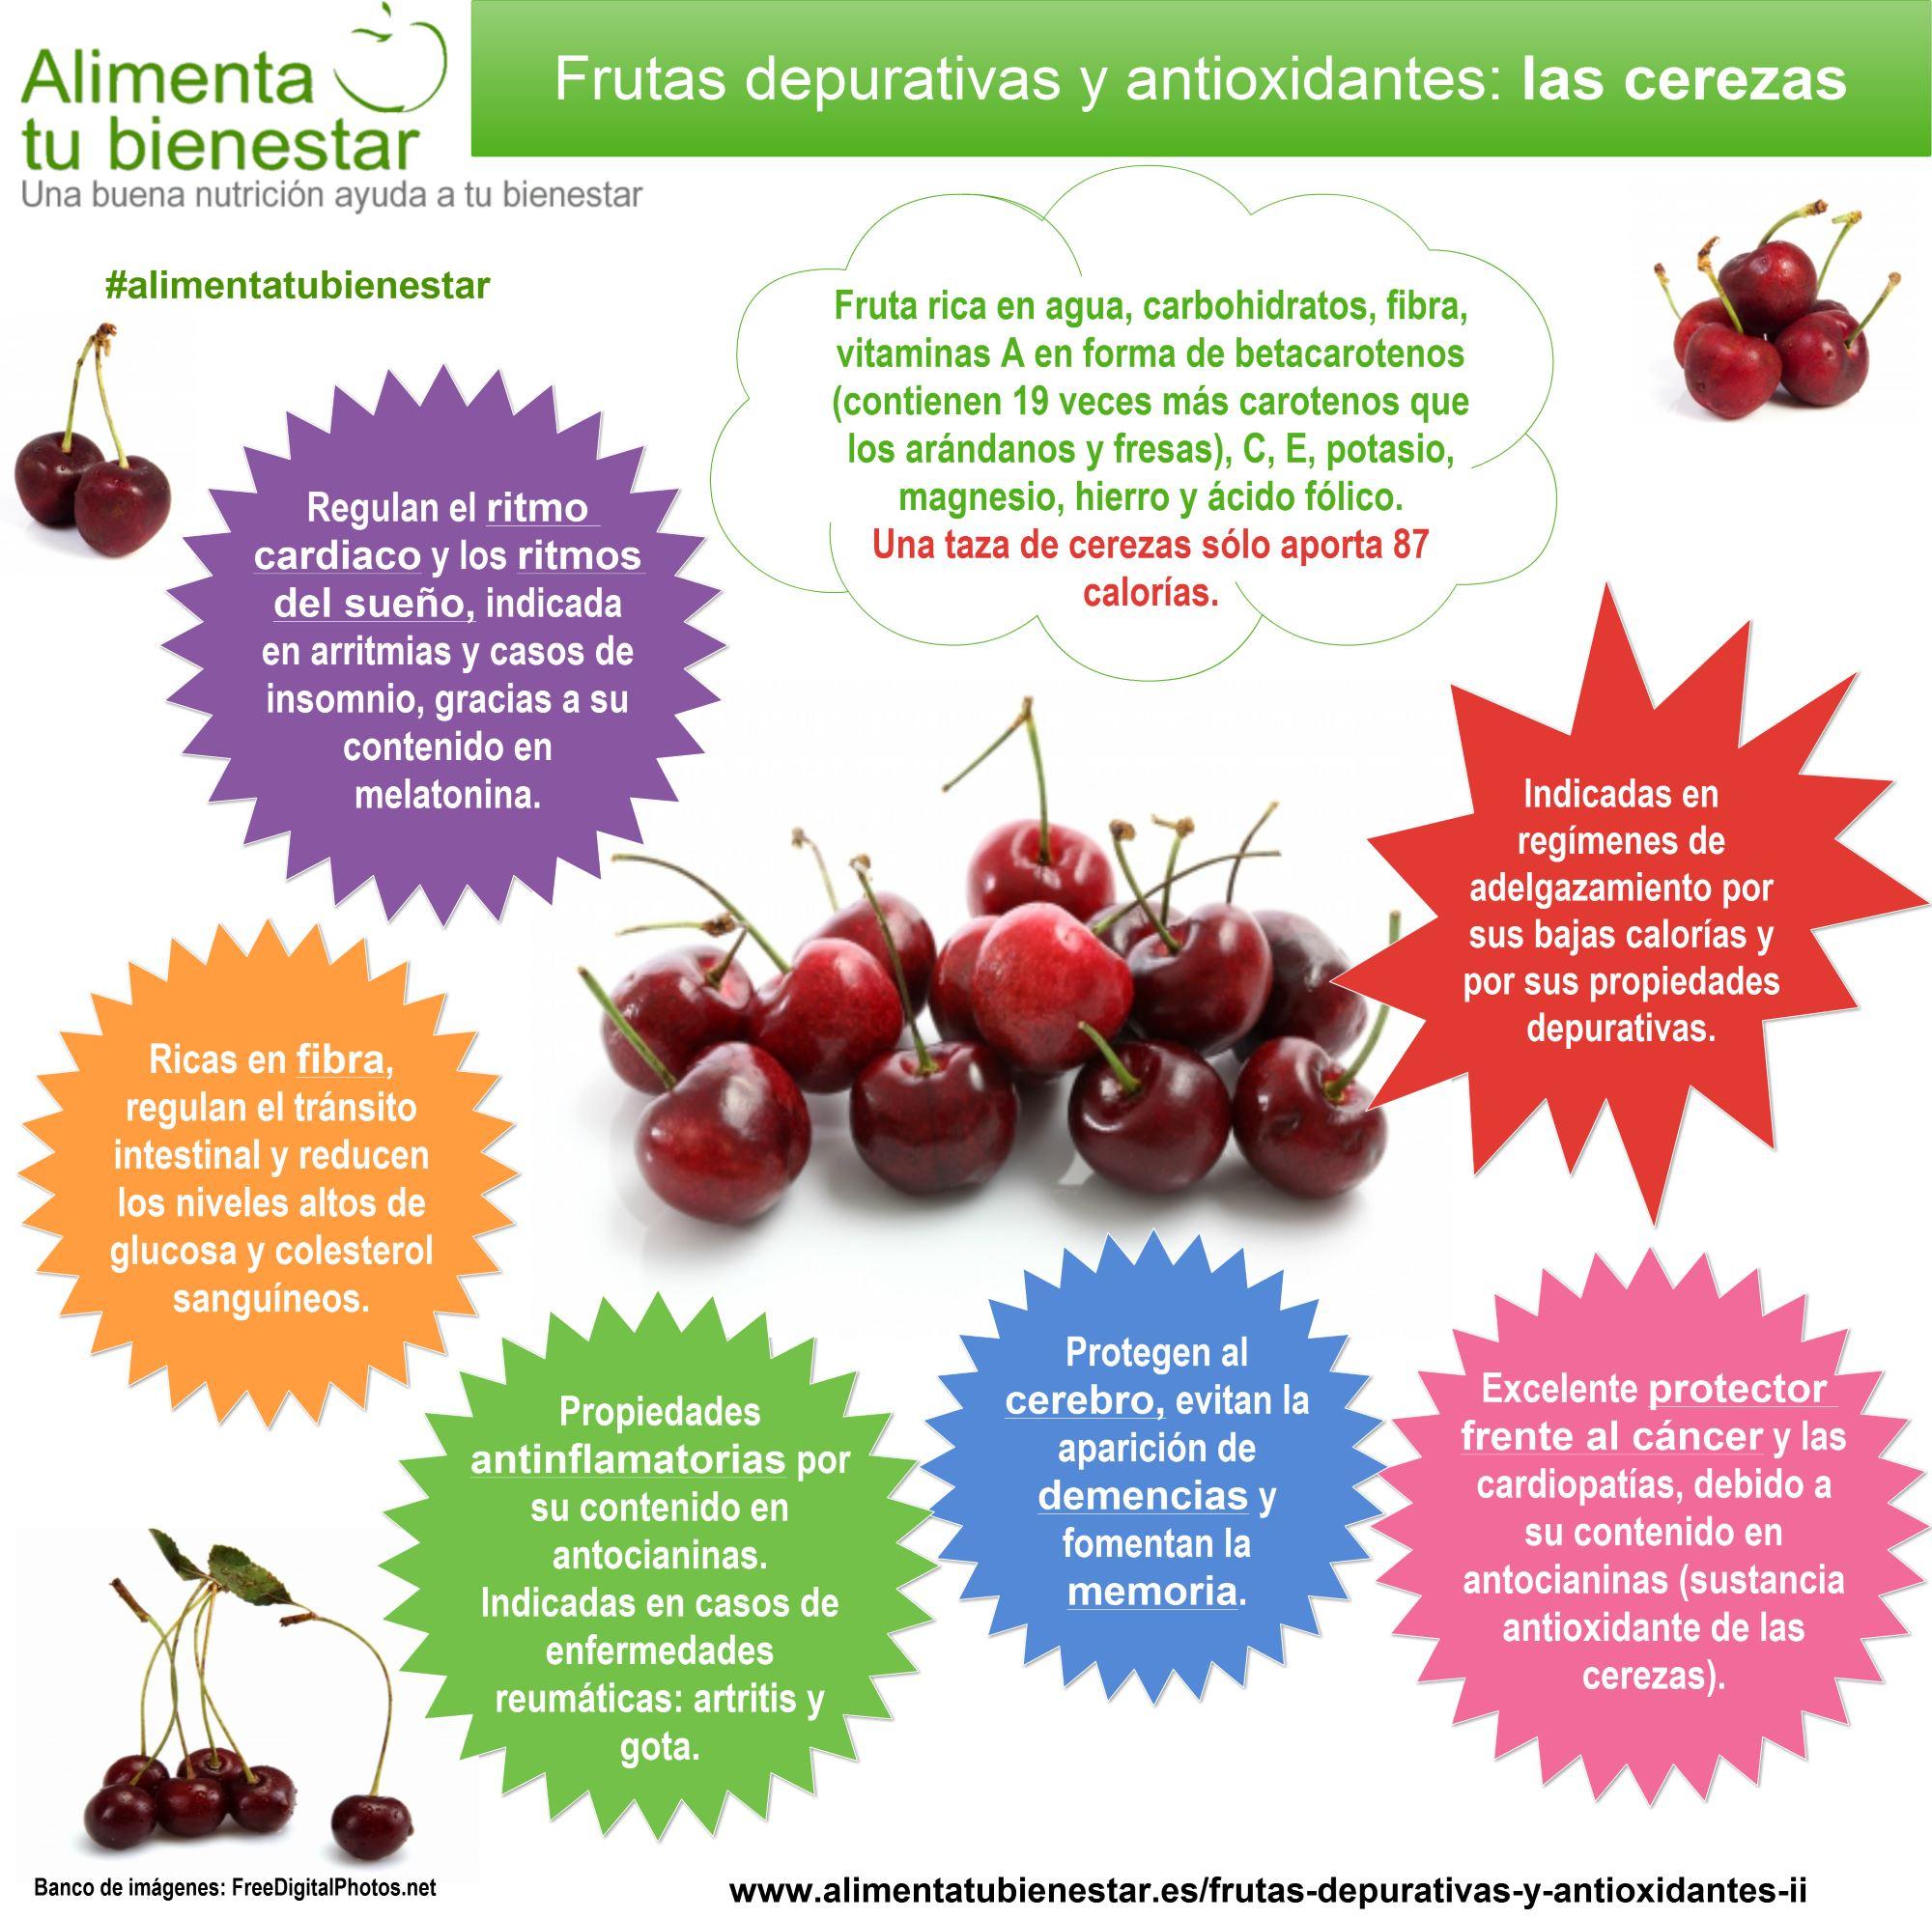 Infografía Frutas depurativas y antioxidantes: la cereza